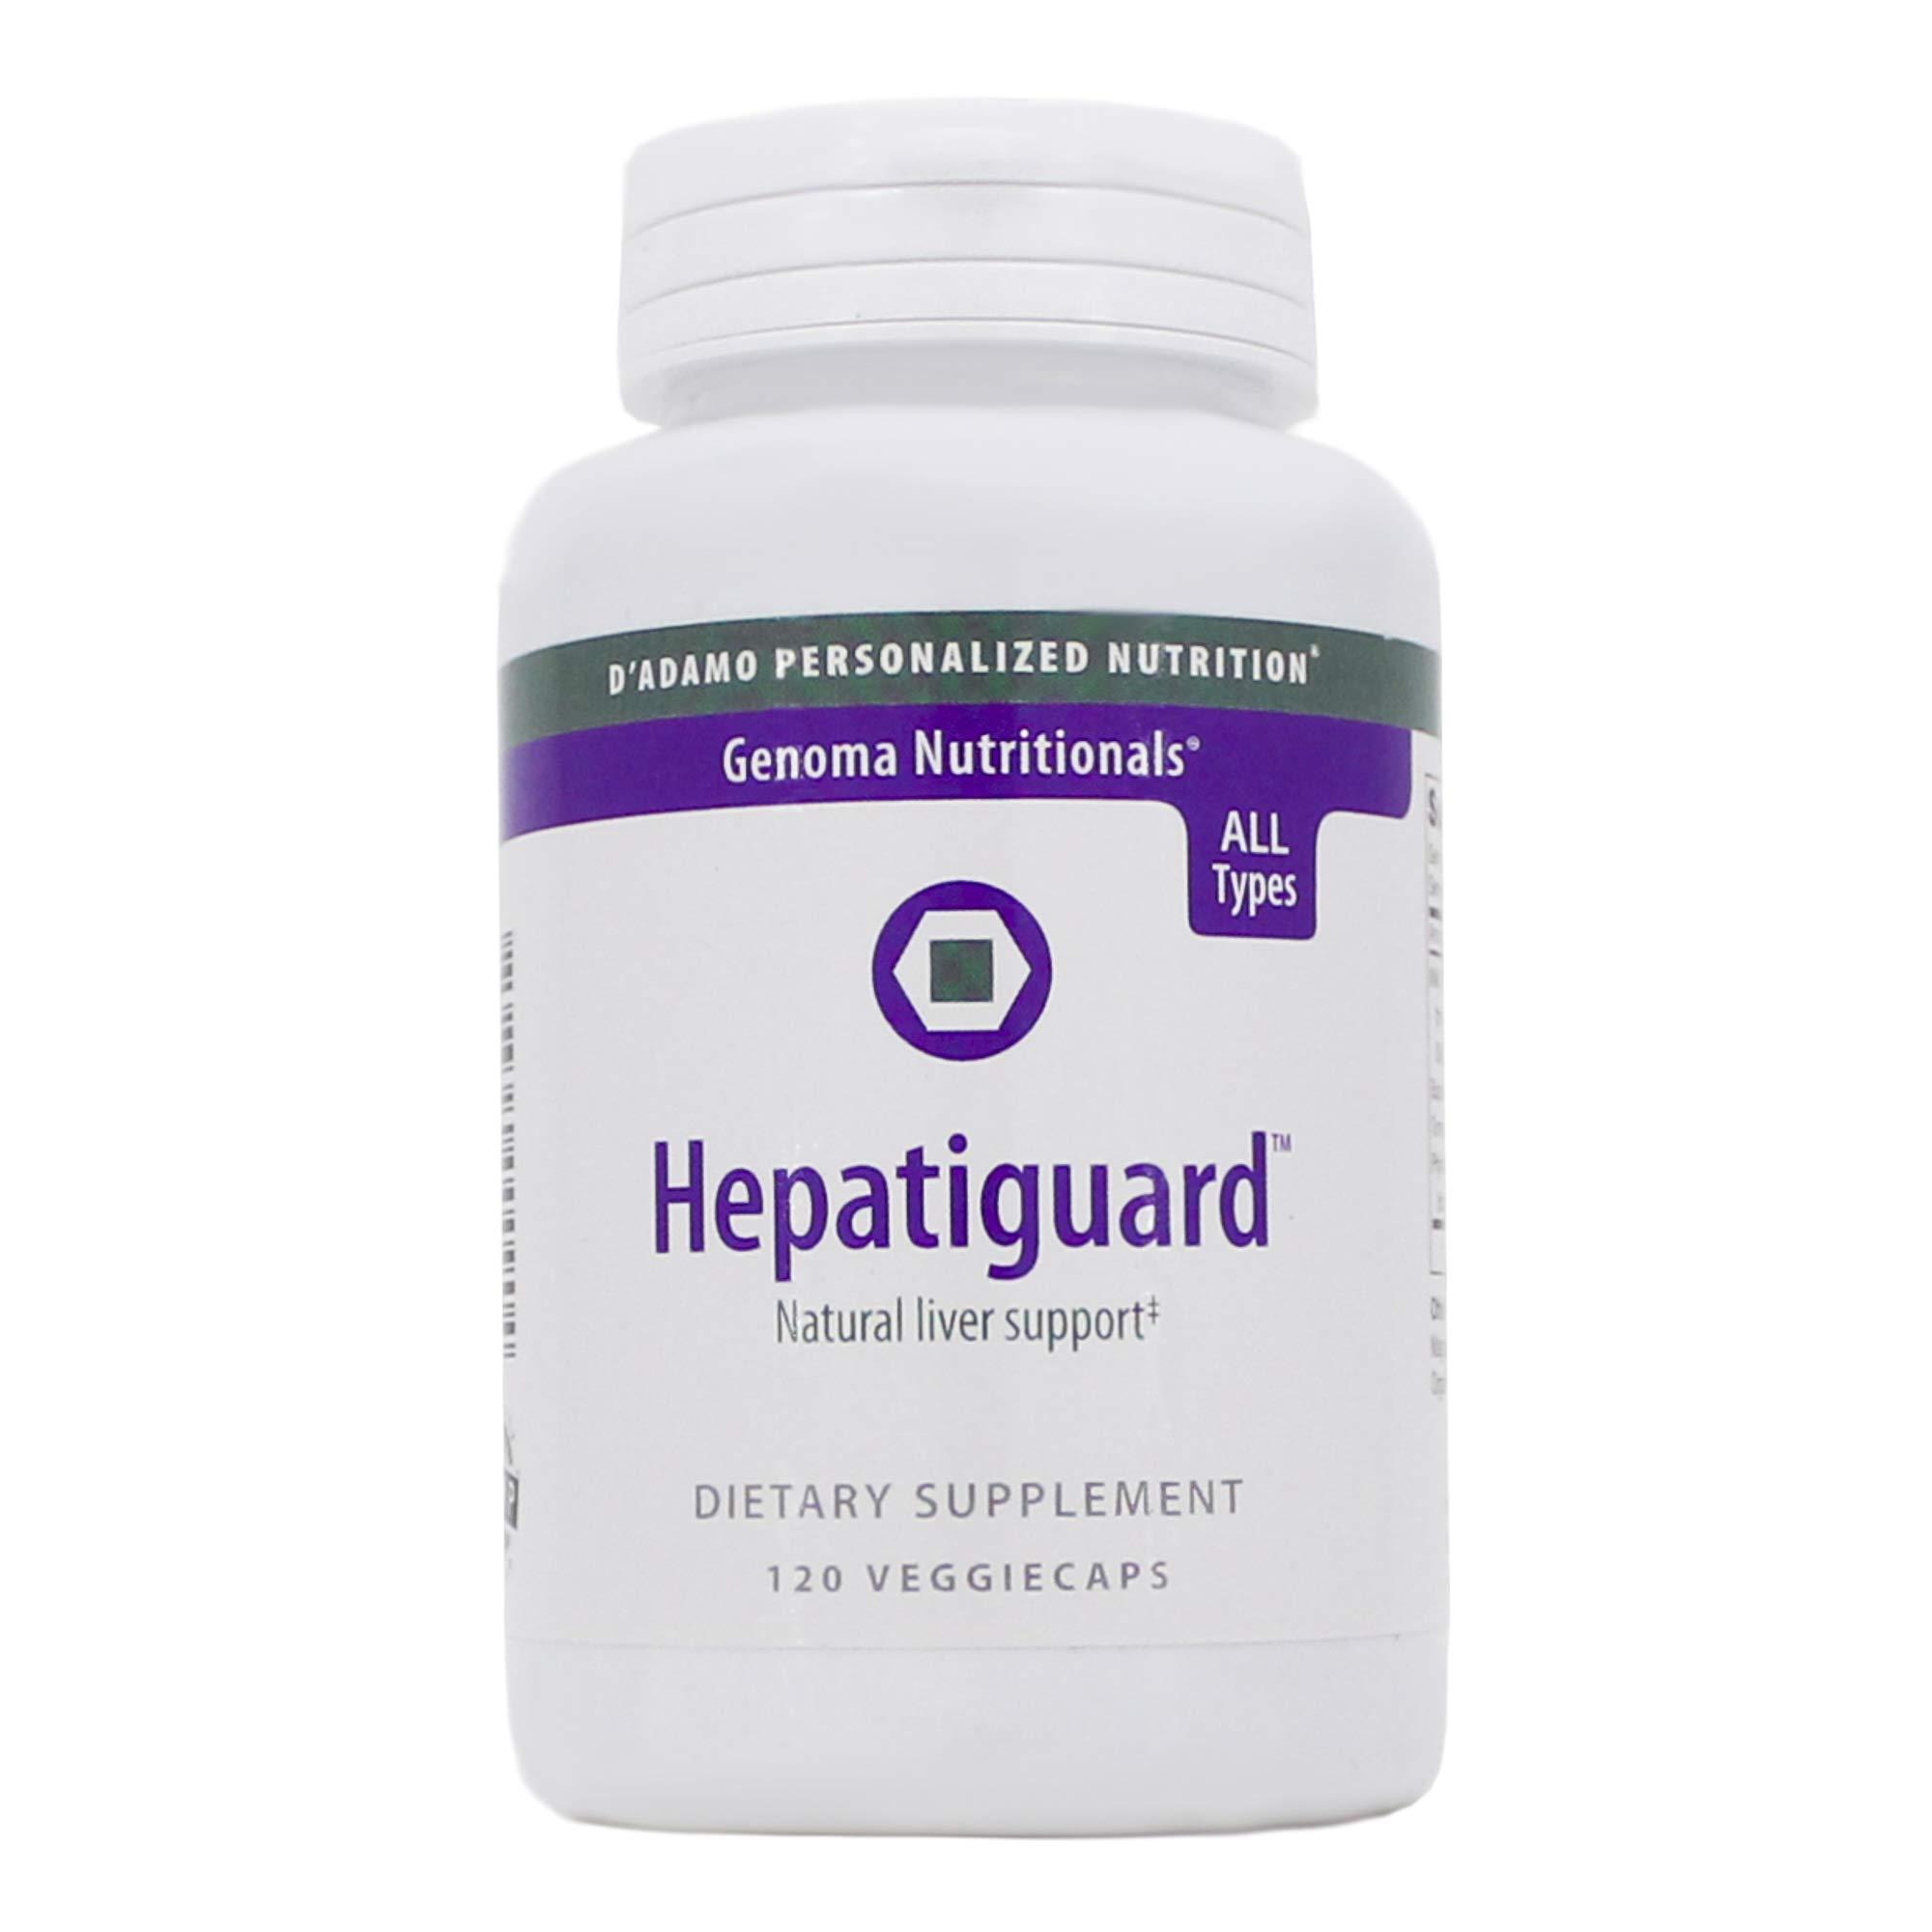 D'Adamo Blood Type Diet Hepatiguard All Types - 120 Capsules